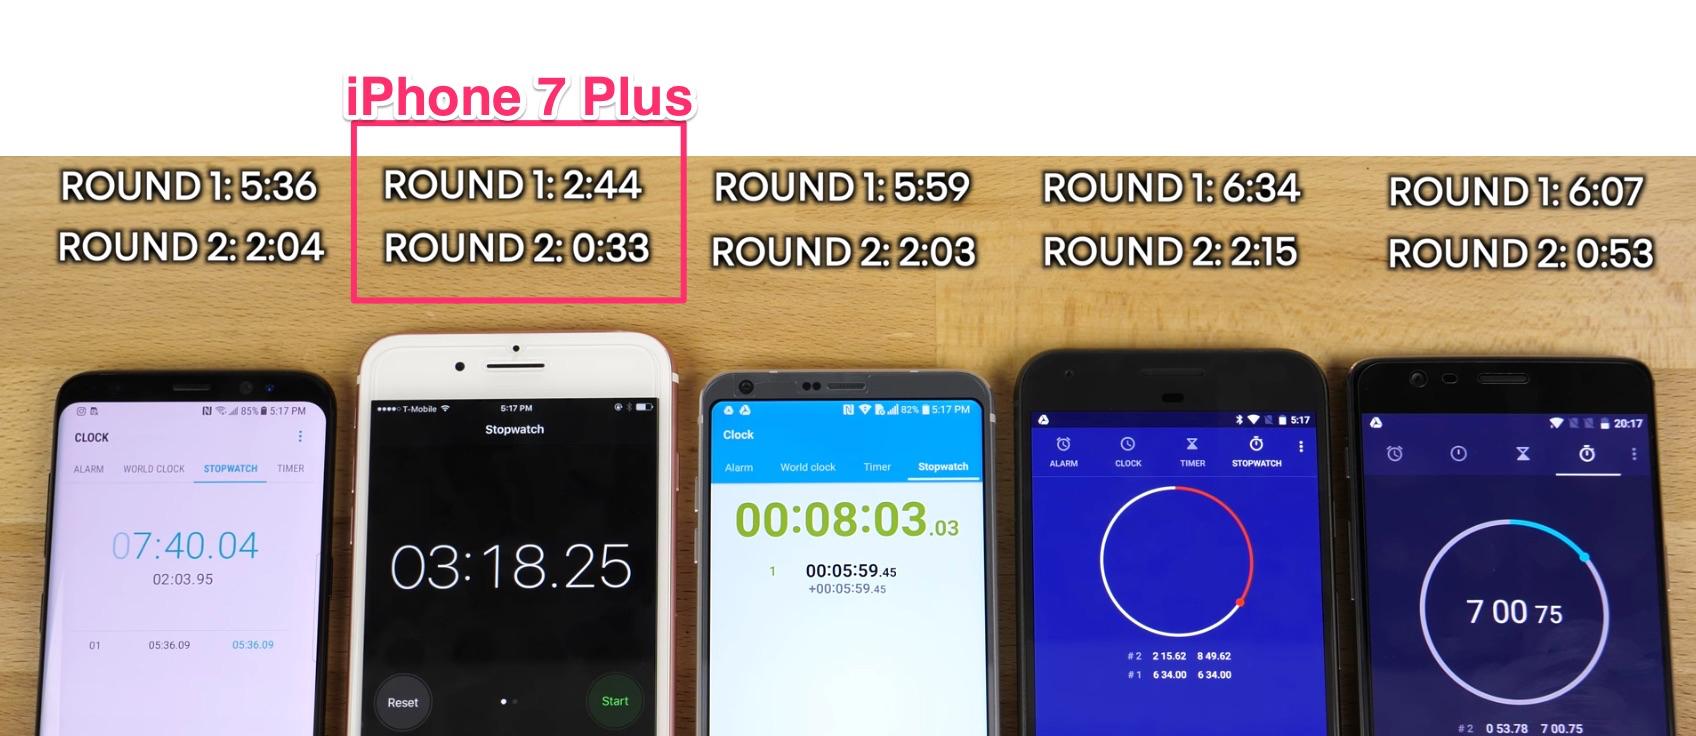 Resultados comparación de velocidad entre iPhone 7 Plus, Galaxy S8, LG G6, Pixel y OnePlus 3T